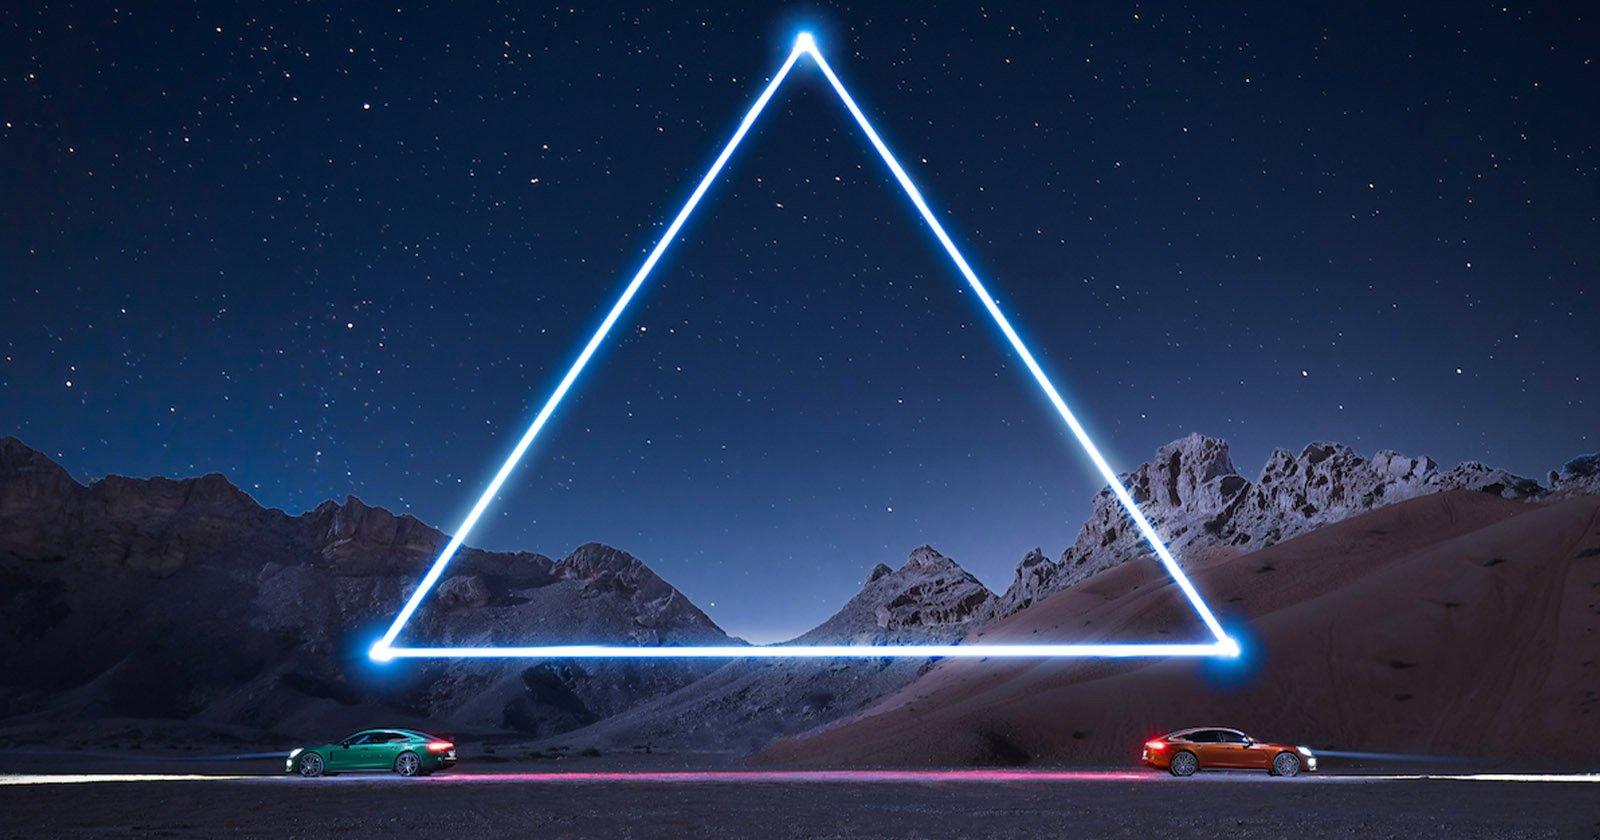 Fotografo illumina le auto sportive Porsche nel deserto con i droni